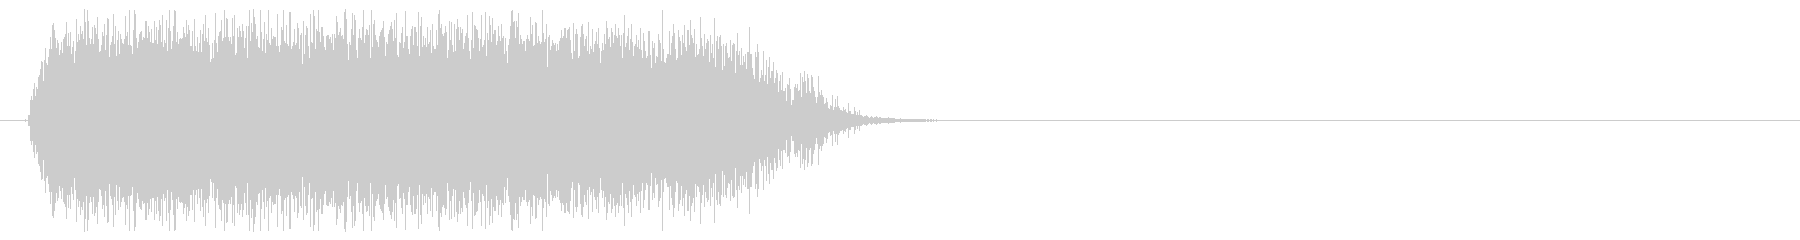 「ヴァ゙ァ゙ァ゙ー」モンスター叫び声/3の未再生の波形